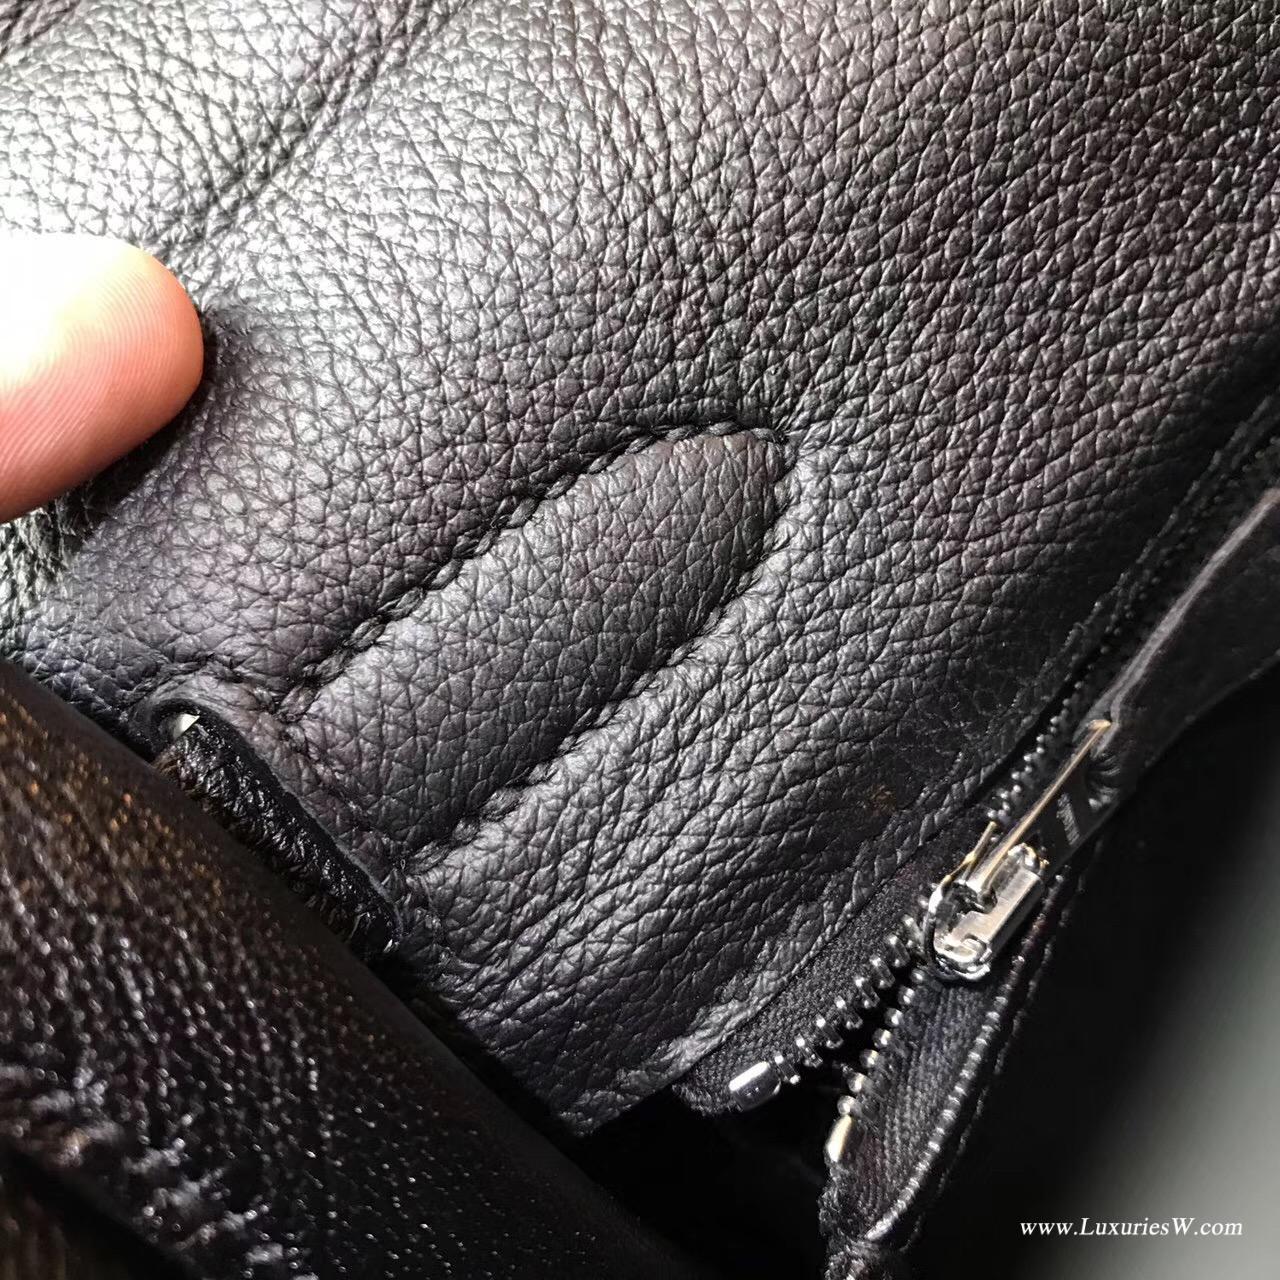 愛馬仕Hermes最早的包袋 凱莉包Kelly 32 togo CK89 Nior黑色銀扣